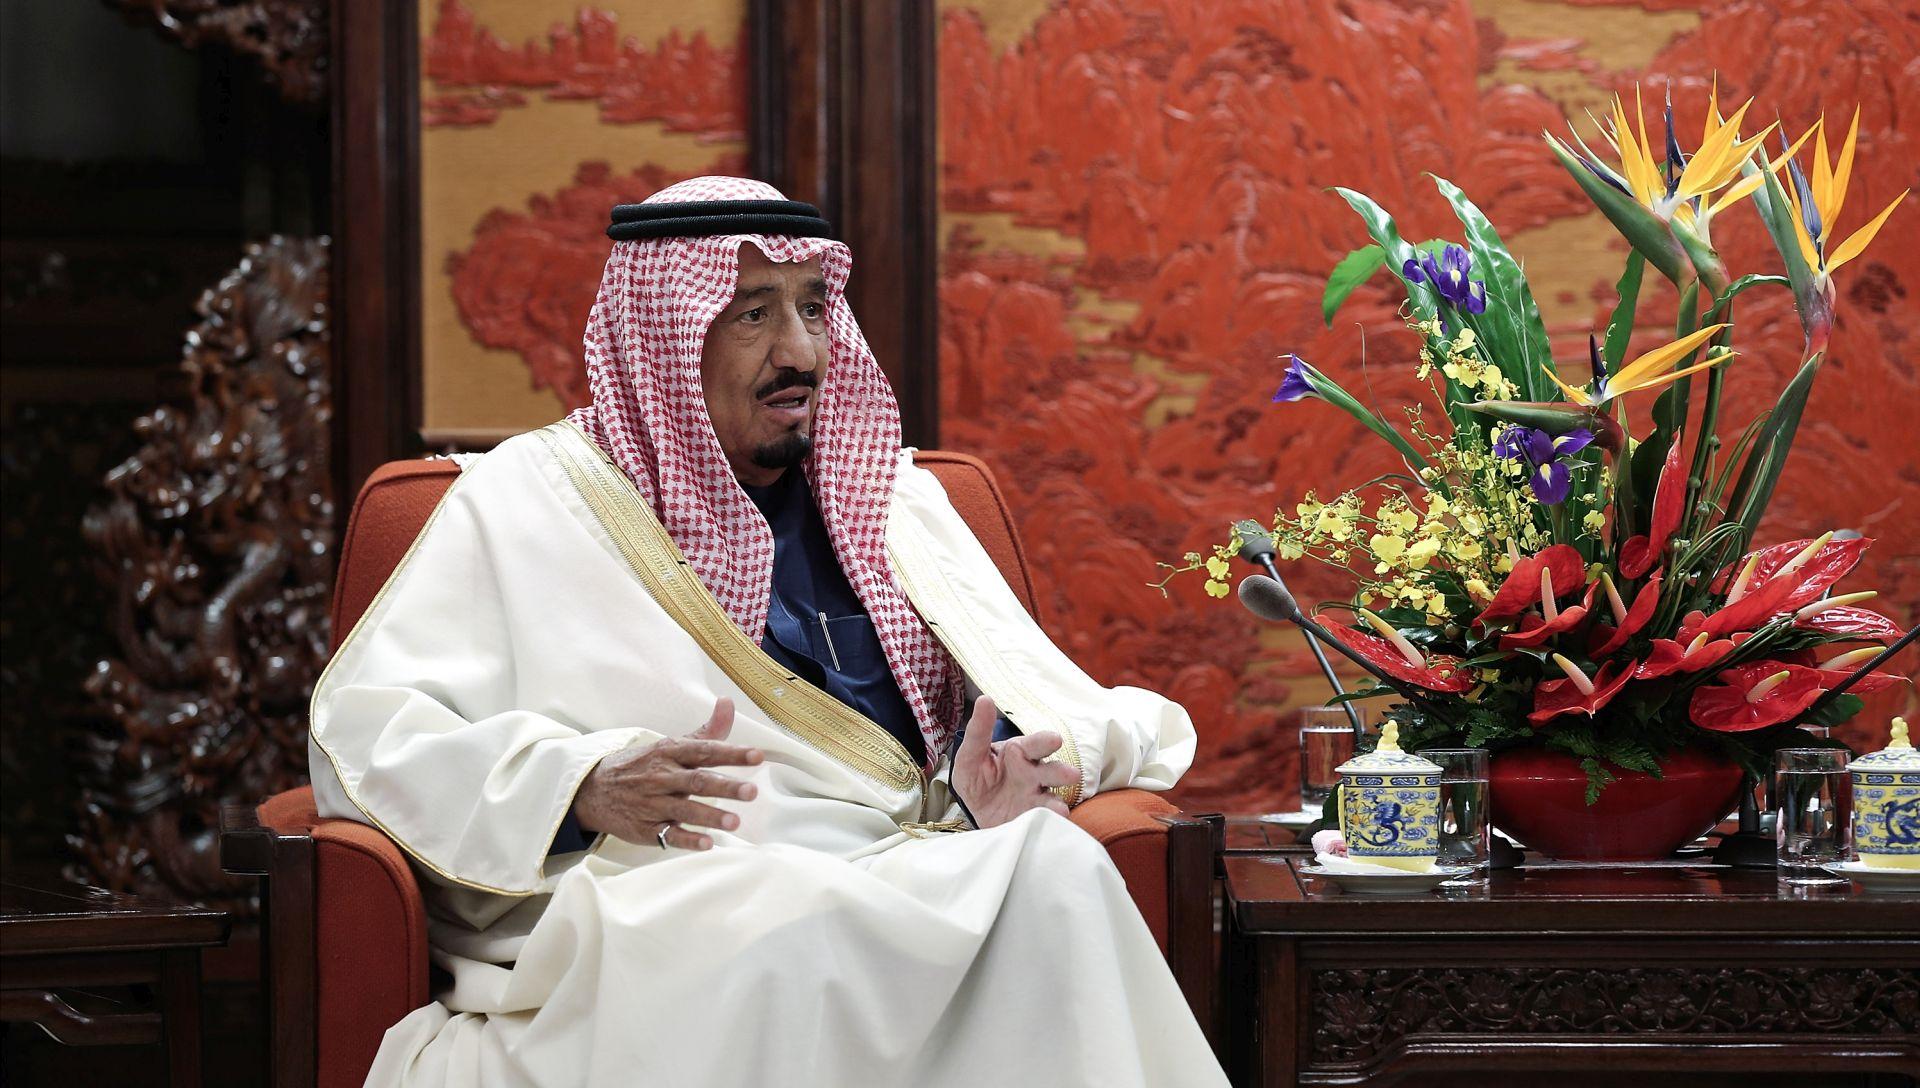 AZURNA OBALA NA NOGAMA Više od 100 tisuća potpisa na peticiji zbog saudijskog kralja